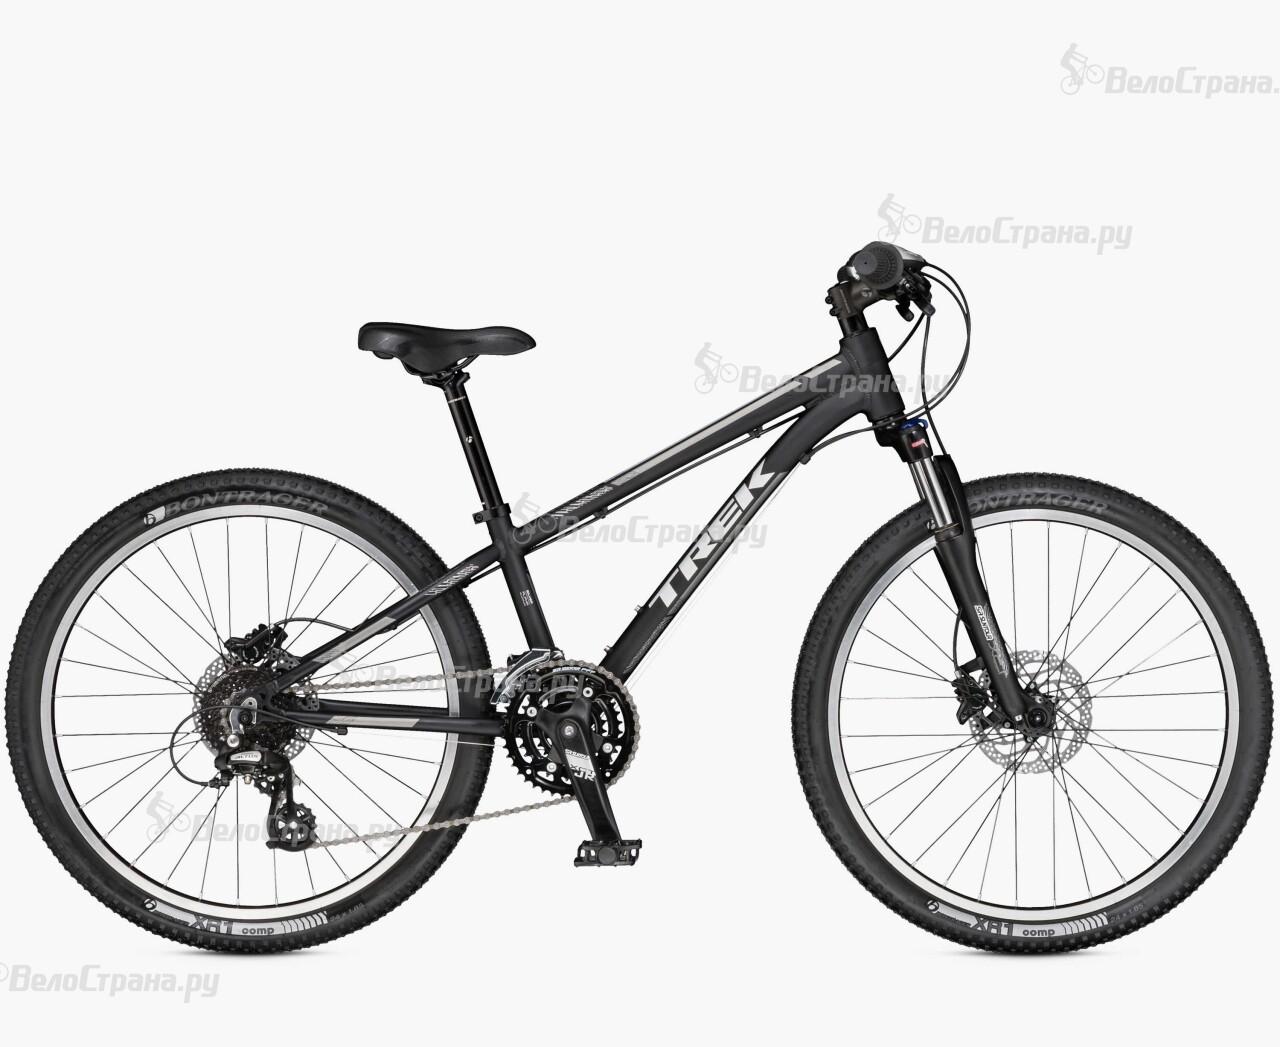 Велосипед Trek Superfly 24 Disc (2016)